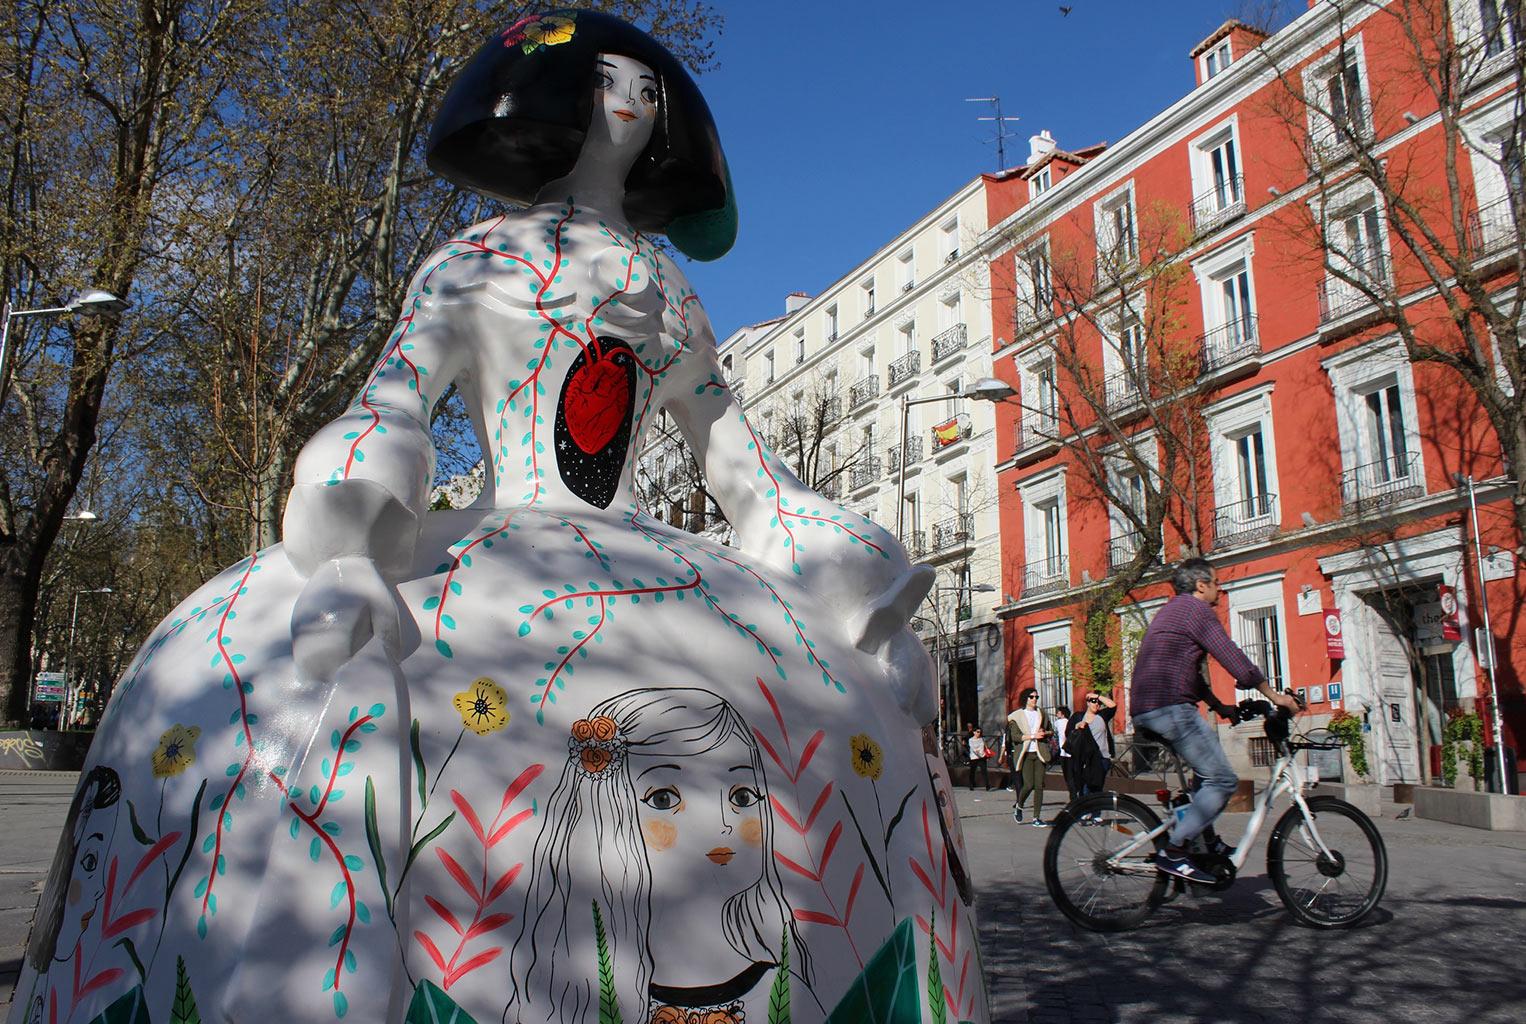 Meninas Madrid Gallery, el descubrimiento de un nuevo arte (y II)